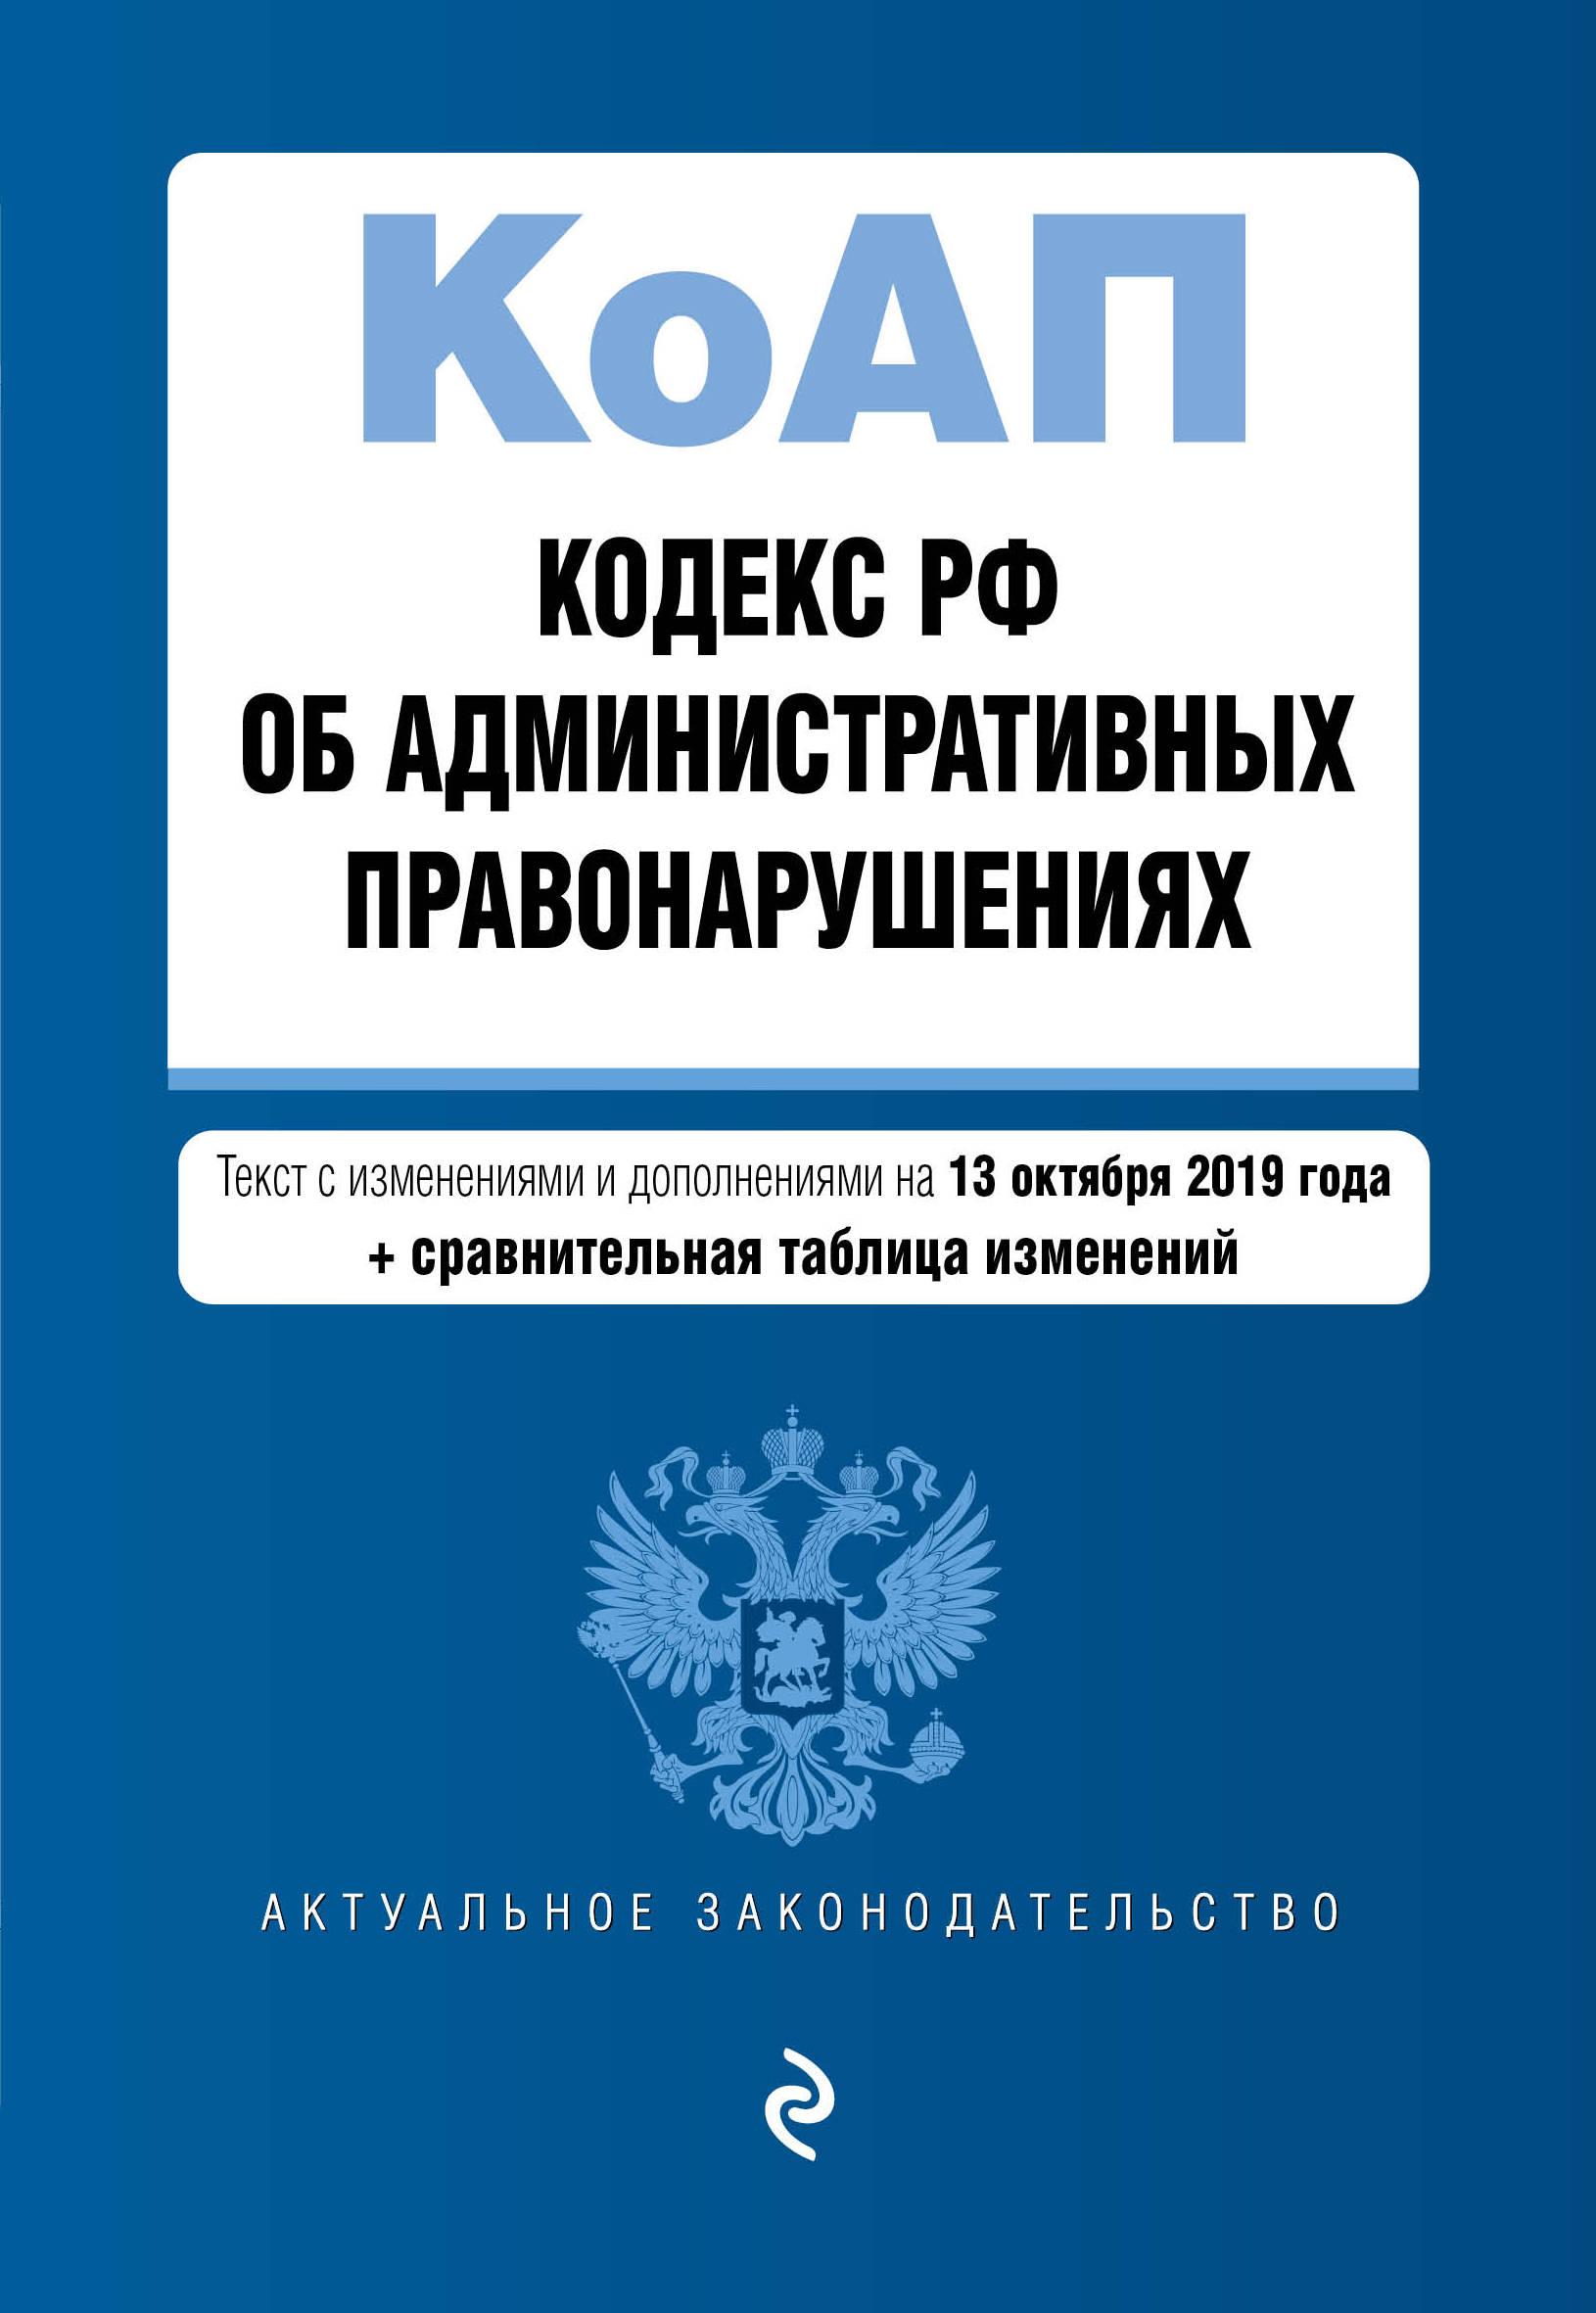 Kodeks Rossijskoj Federatsii ob administrativnykh pravonarushenijakh. Tekst s izm. i dop. na 13 oktjabrja 2019 god (+ sravnitelnaja tablitsa izmenenij)